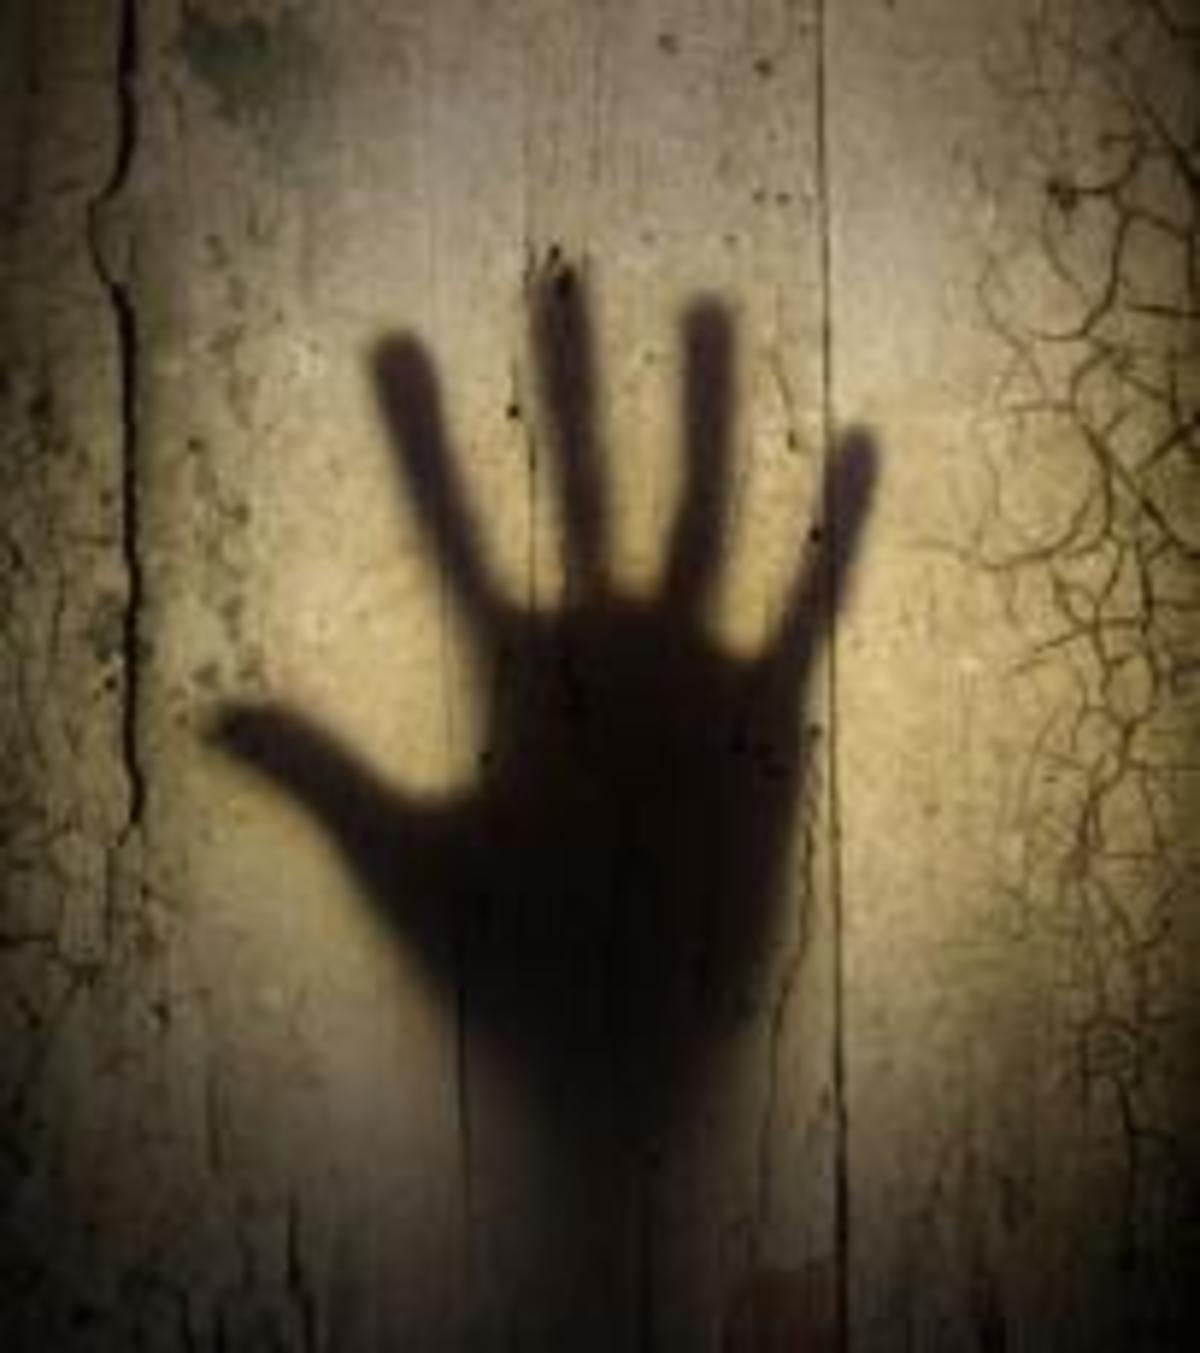 Κέρκυρα: Σύλληψη για βιασμό 20χρονης | Newsit.gr